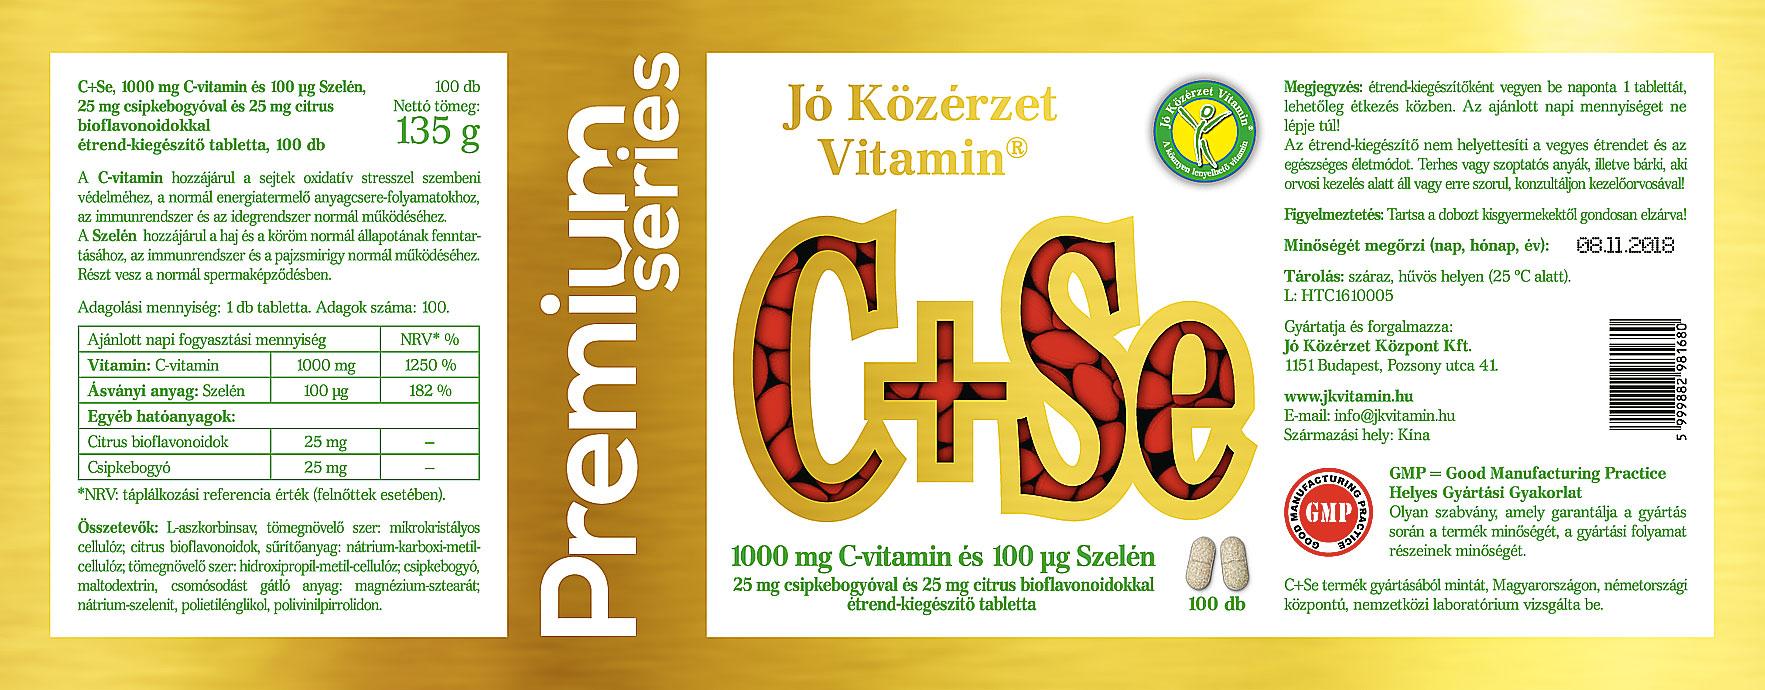 Jó Közérzet C-vitamin + Szelén Csipkebogyóval és Citrus Bioflavonoiddal cimke